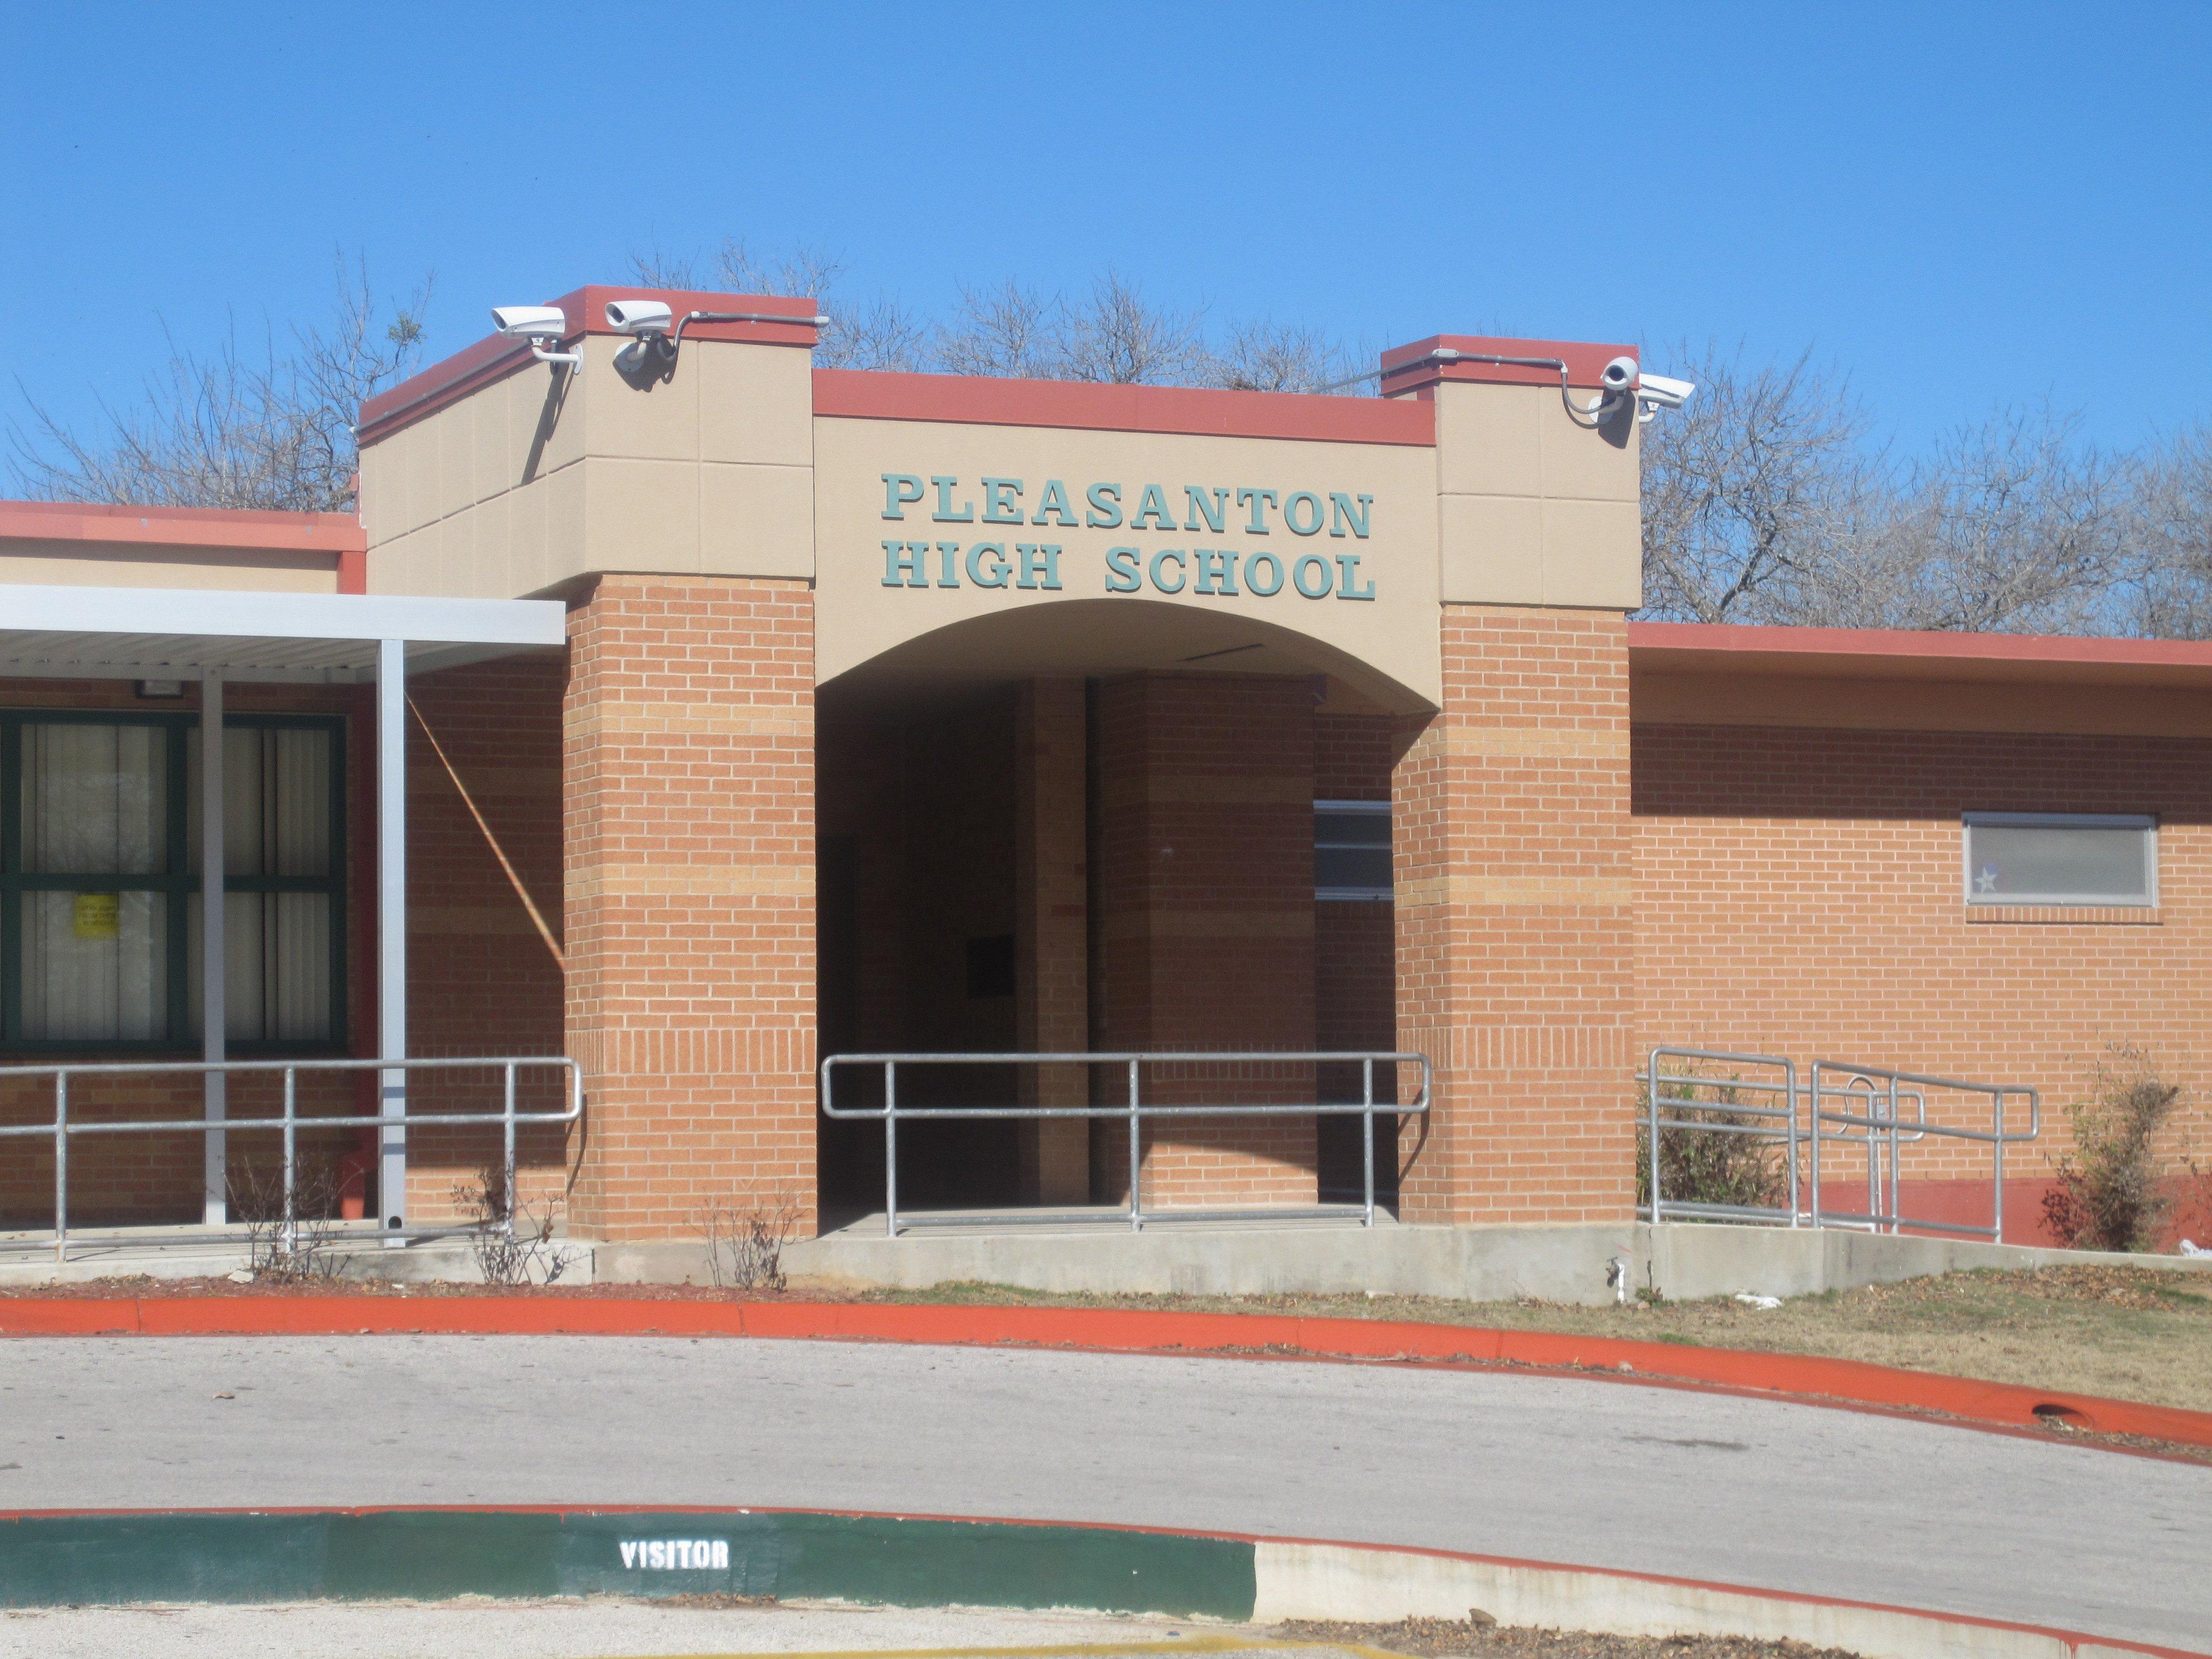 Pleasanton High School today